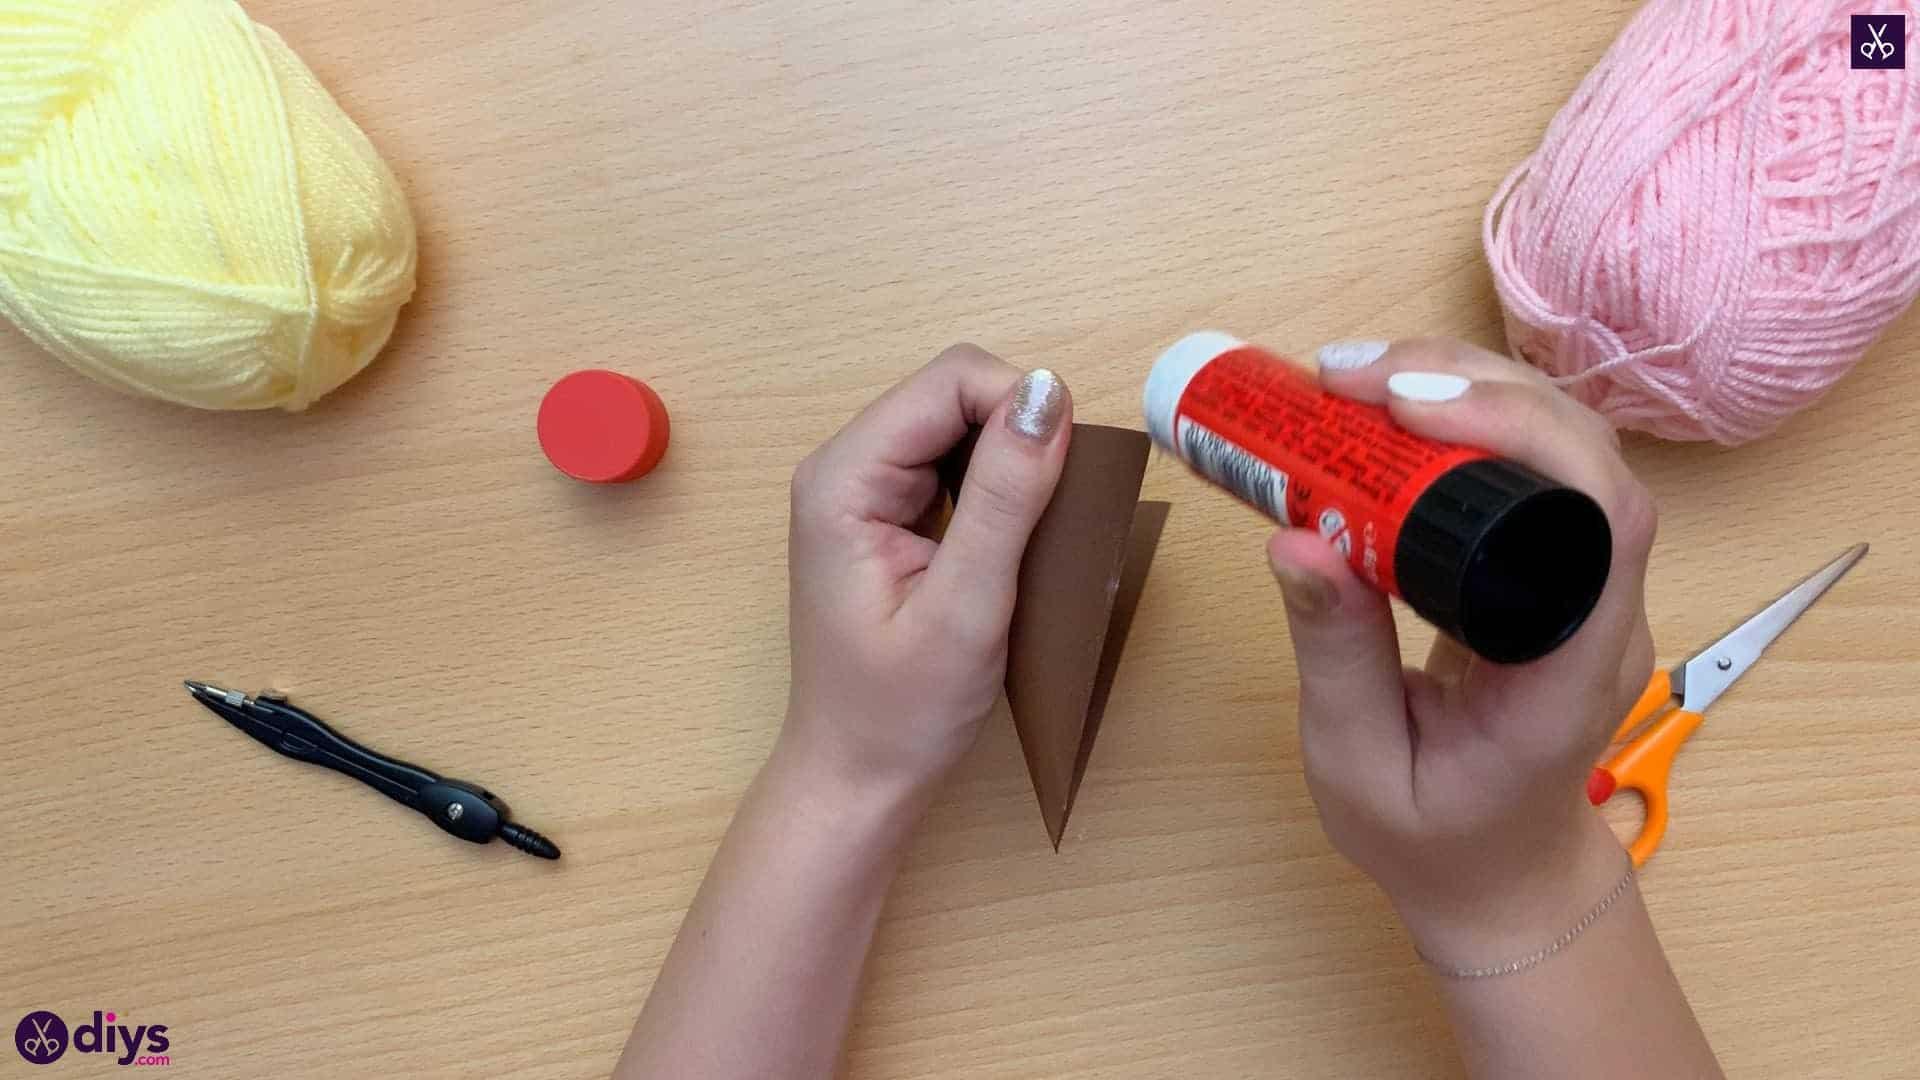 How to make an ice cream pom pom attach glue